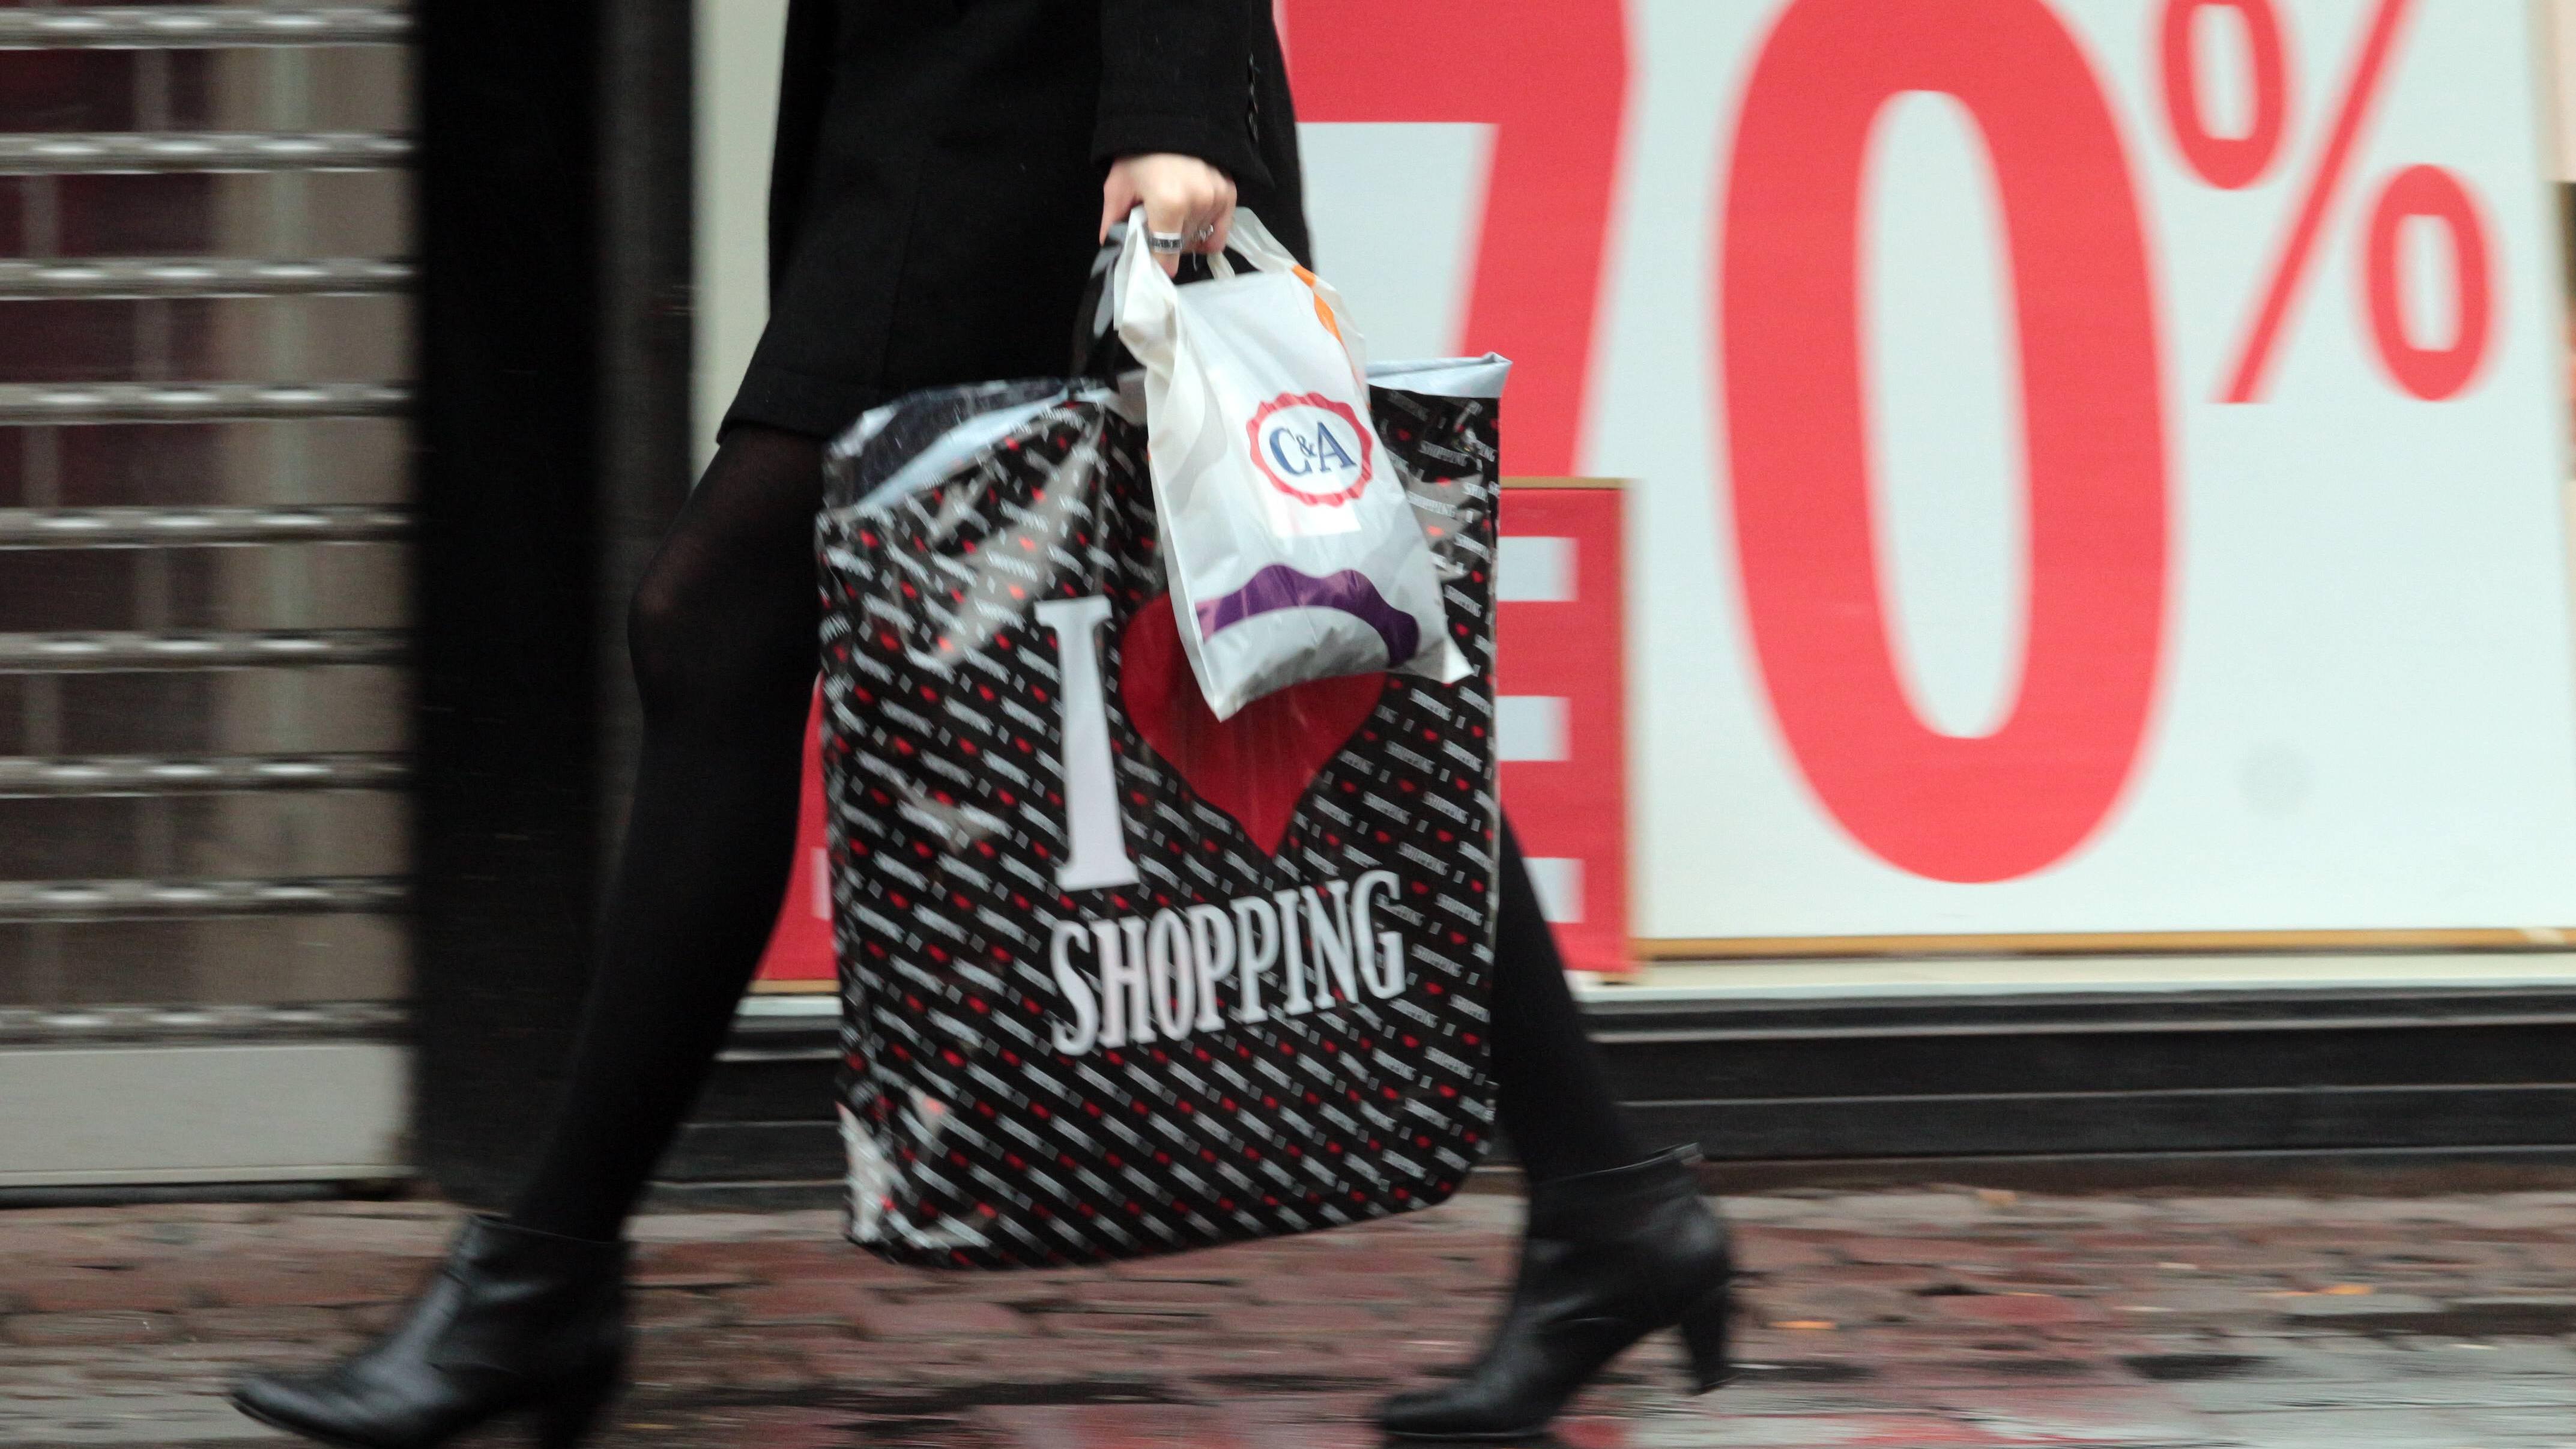 Weniger Konsum lässt sich unter anderem durch Meidung von Werbung erreichen.